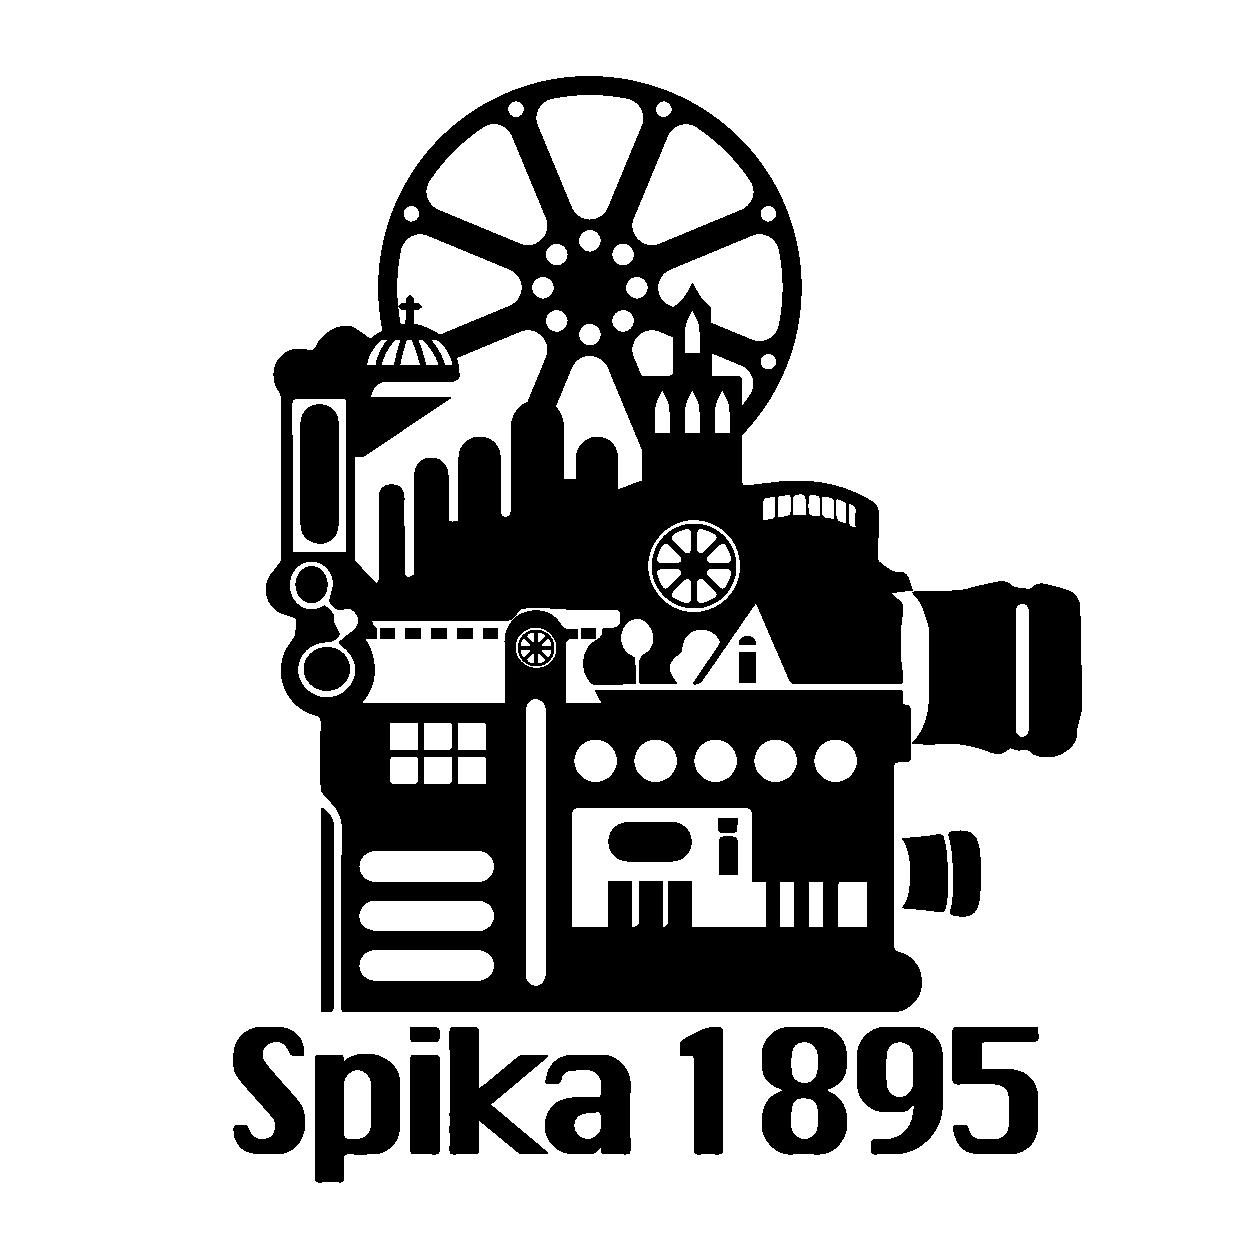 東京大学映画制作スピカ1895